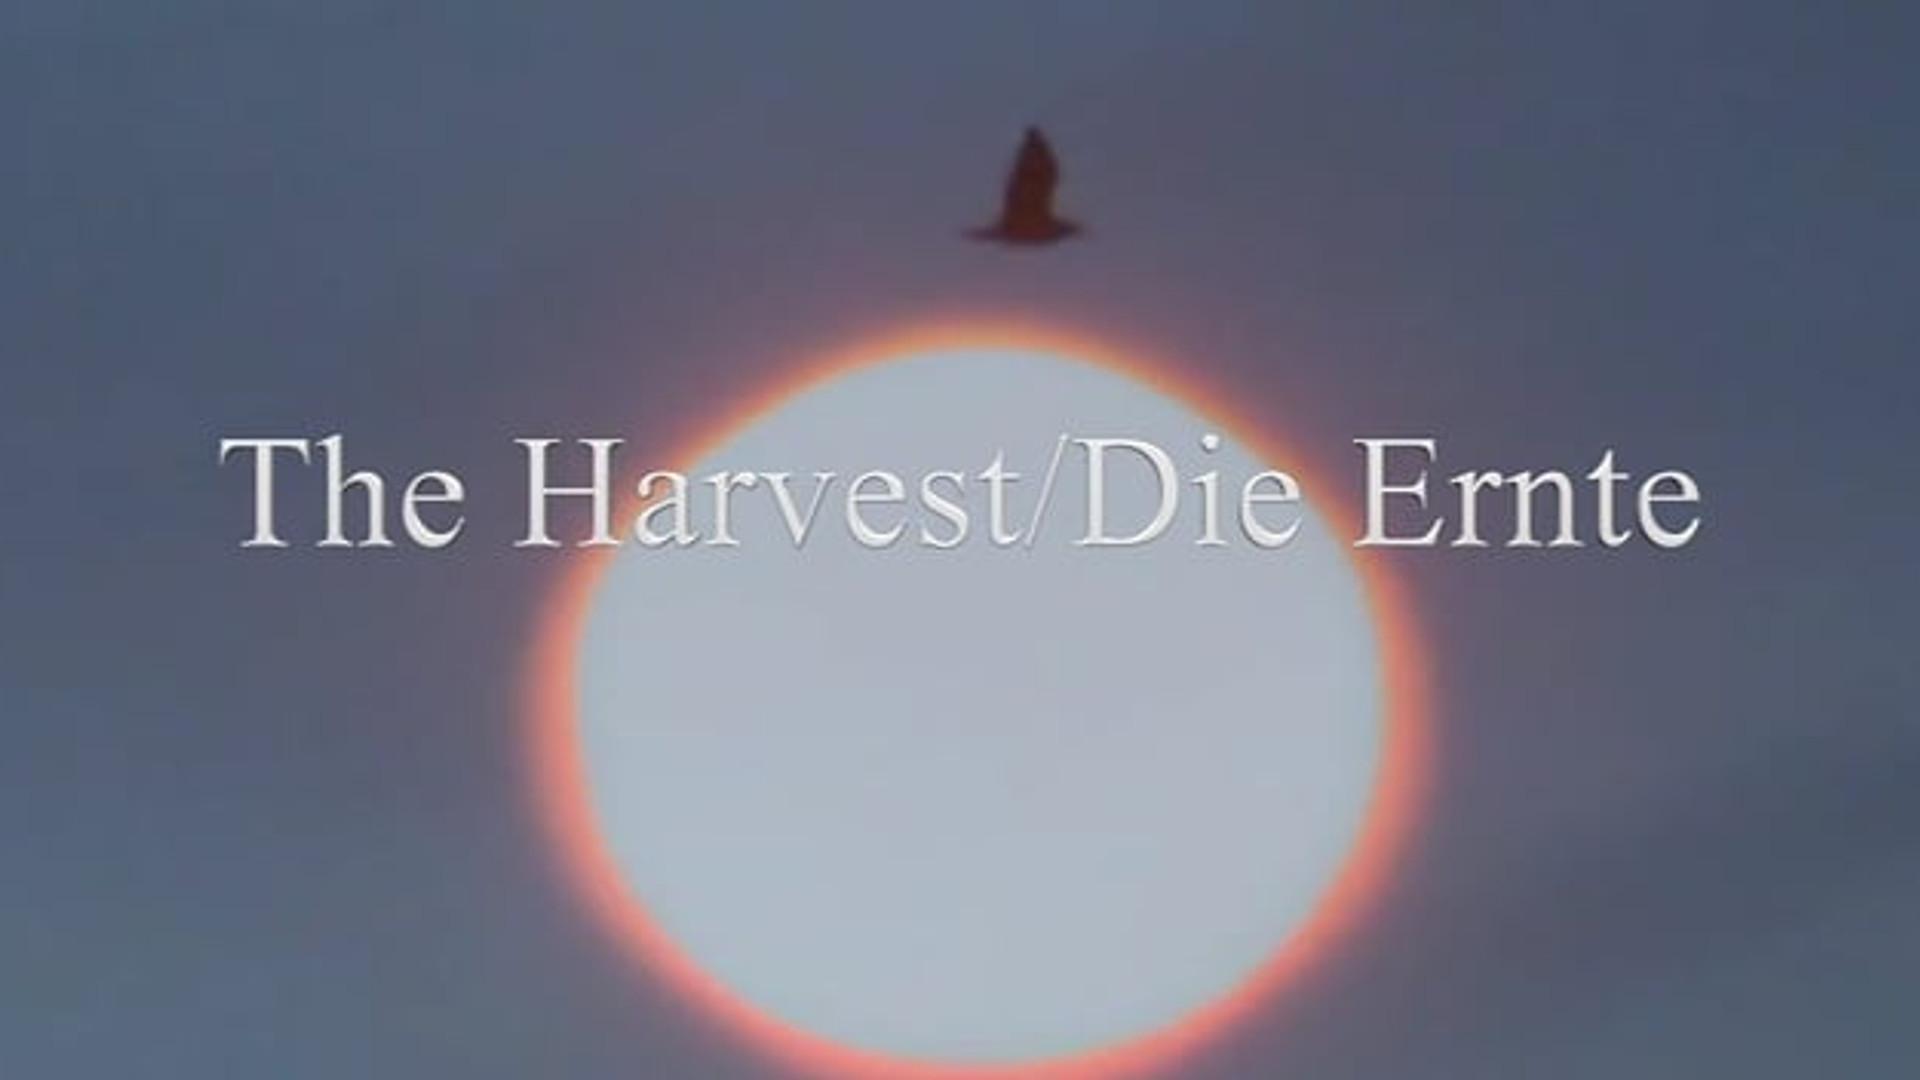 The Harvest/Die Ernte